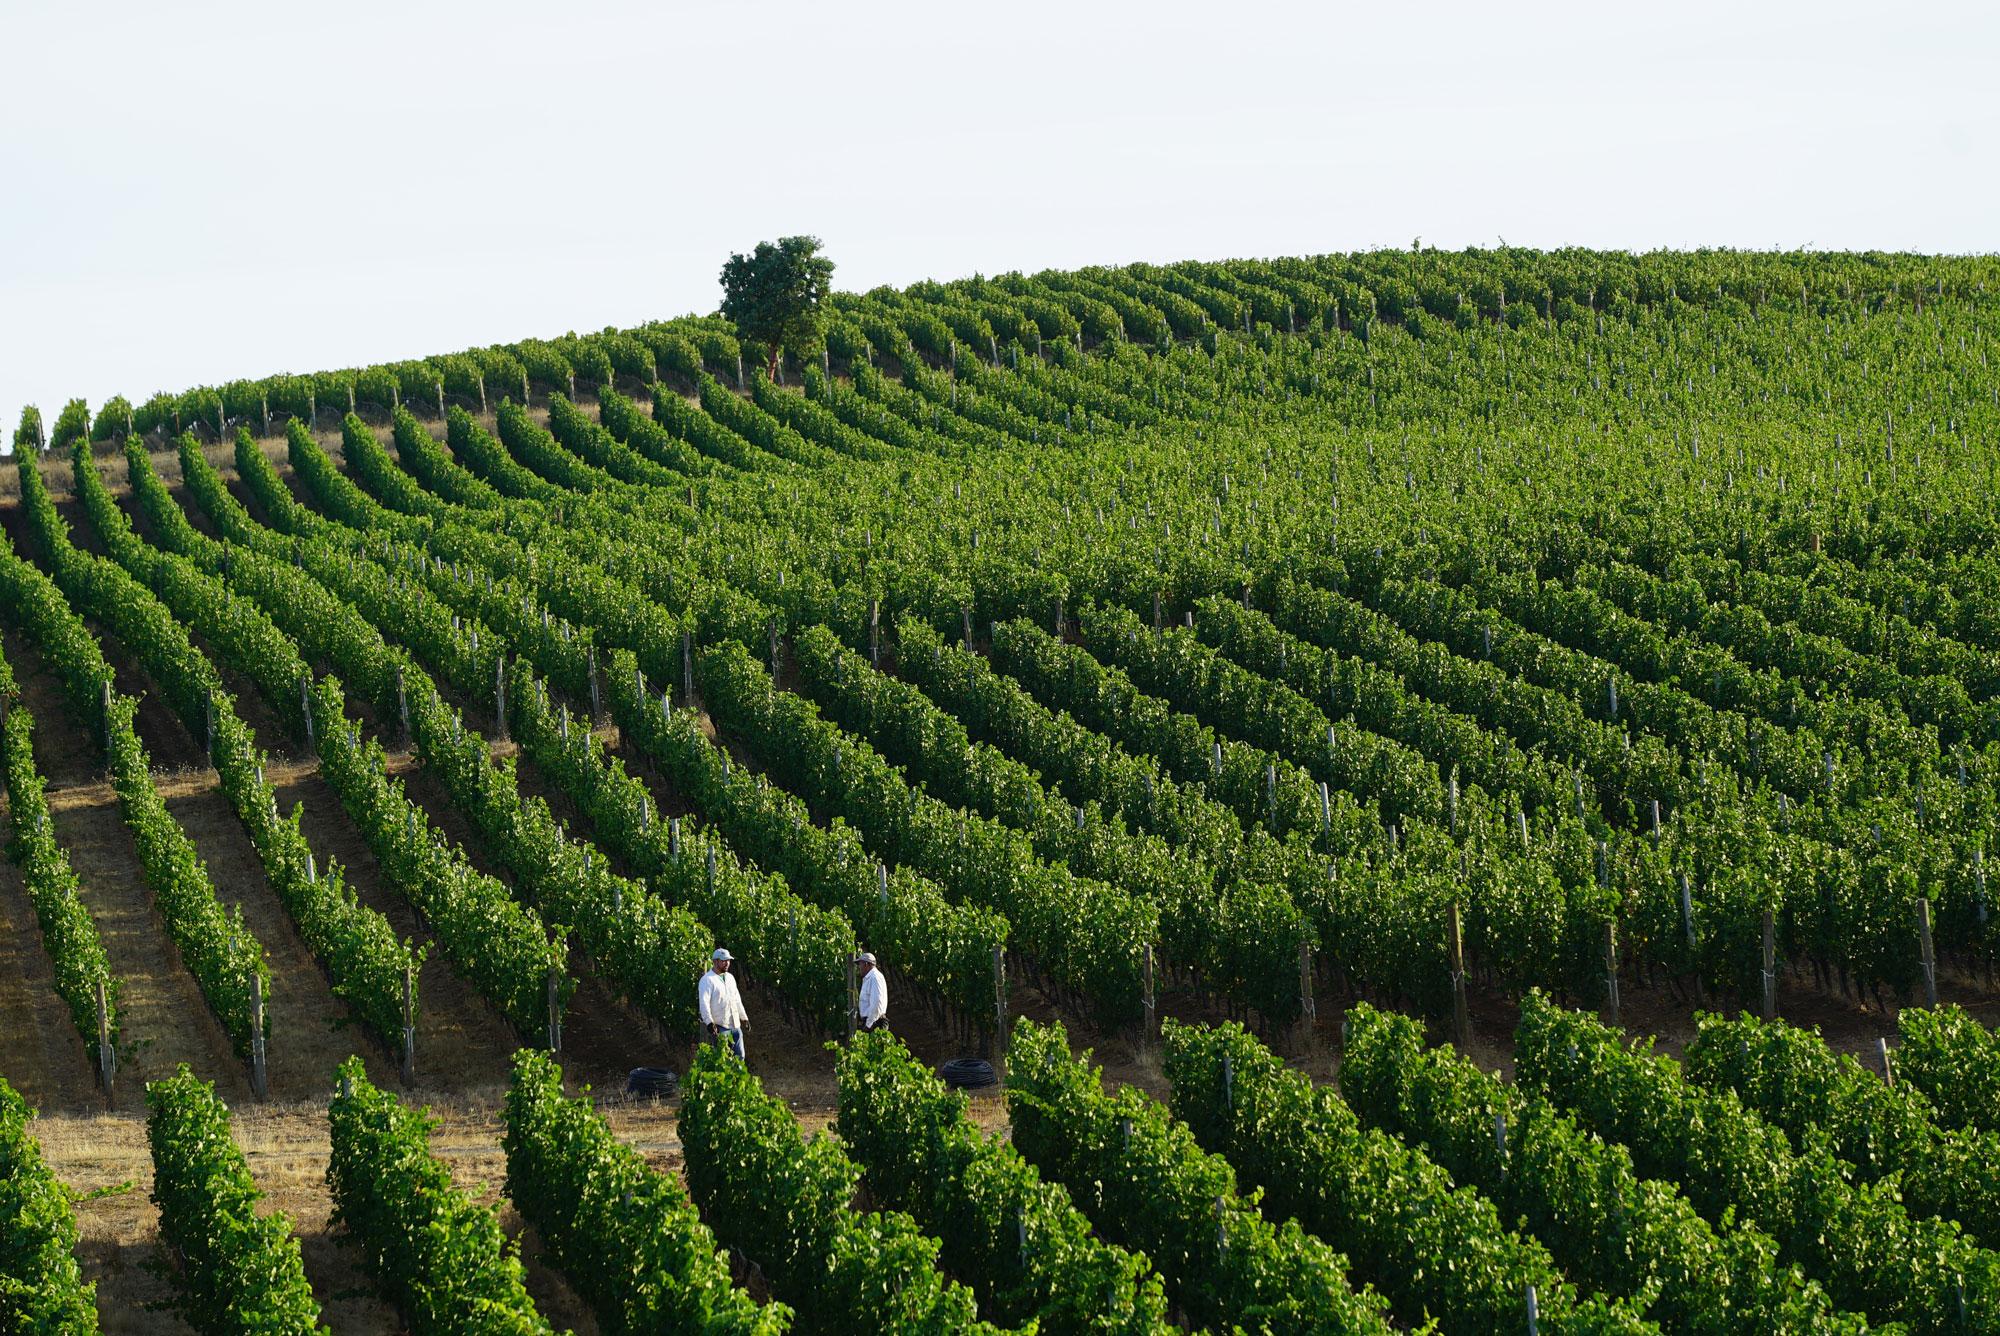 Two vineyard workers standing in Cristom vineyard